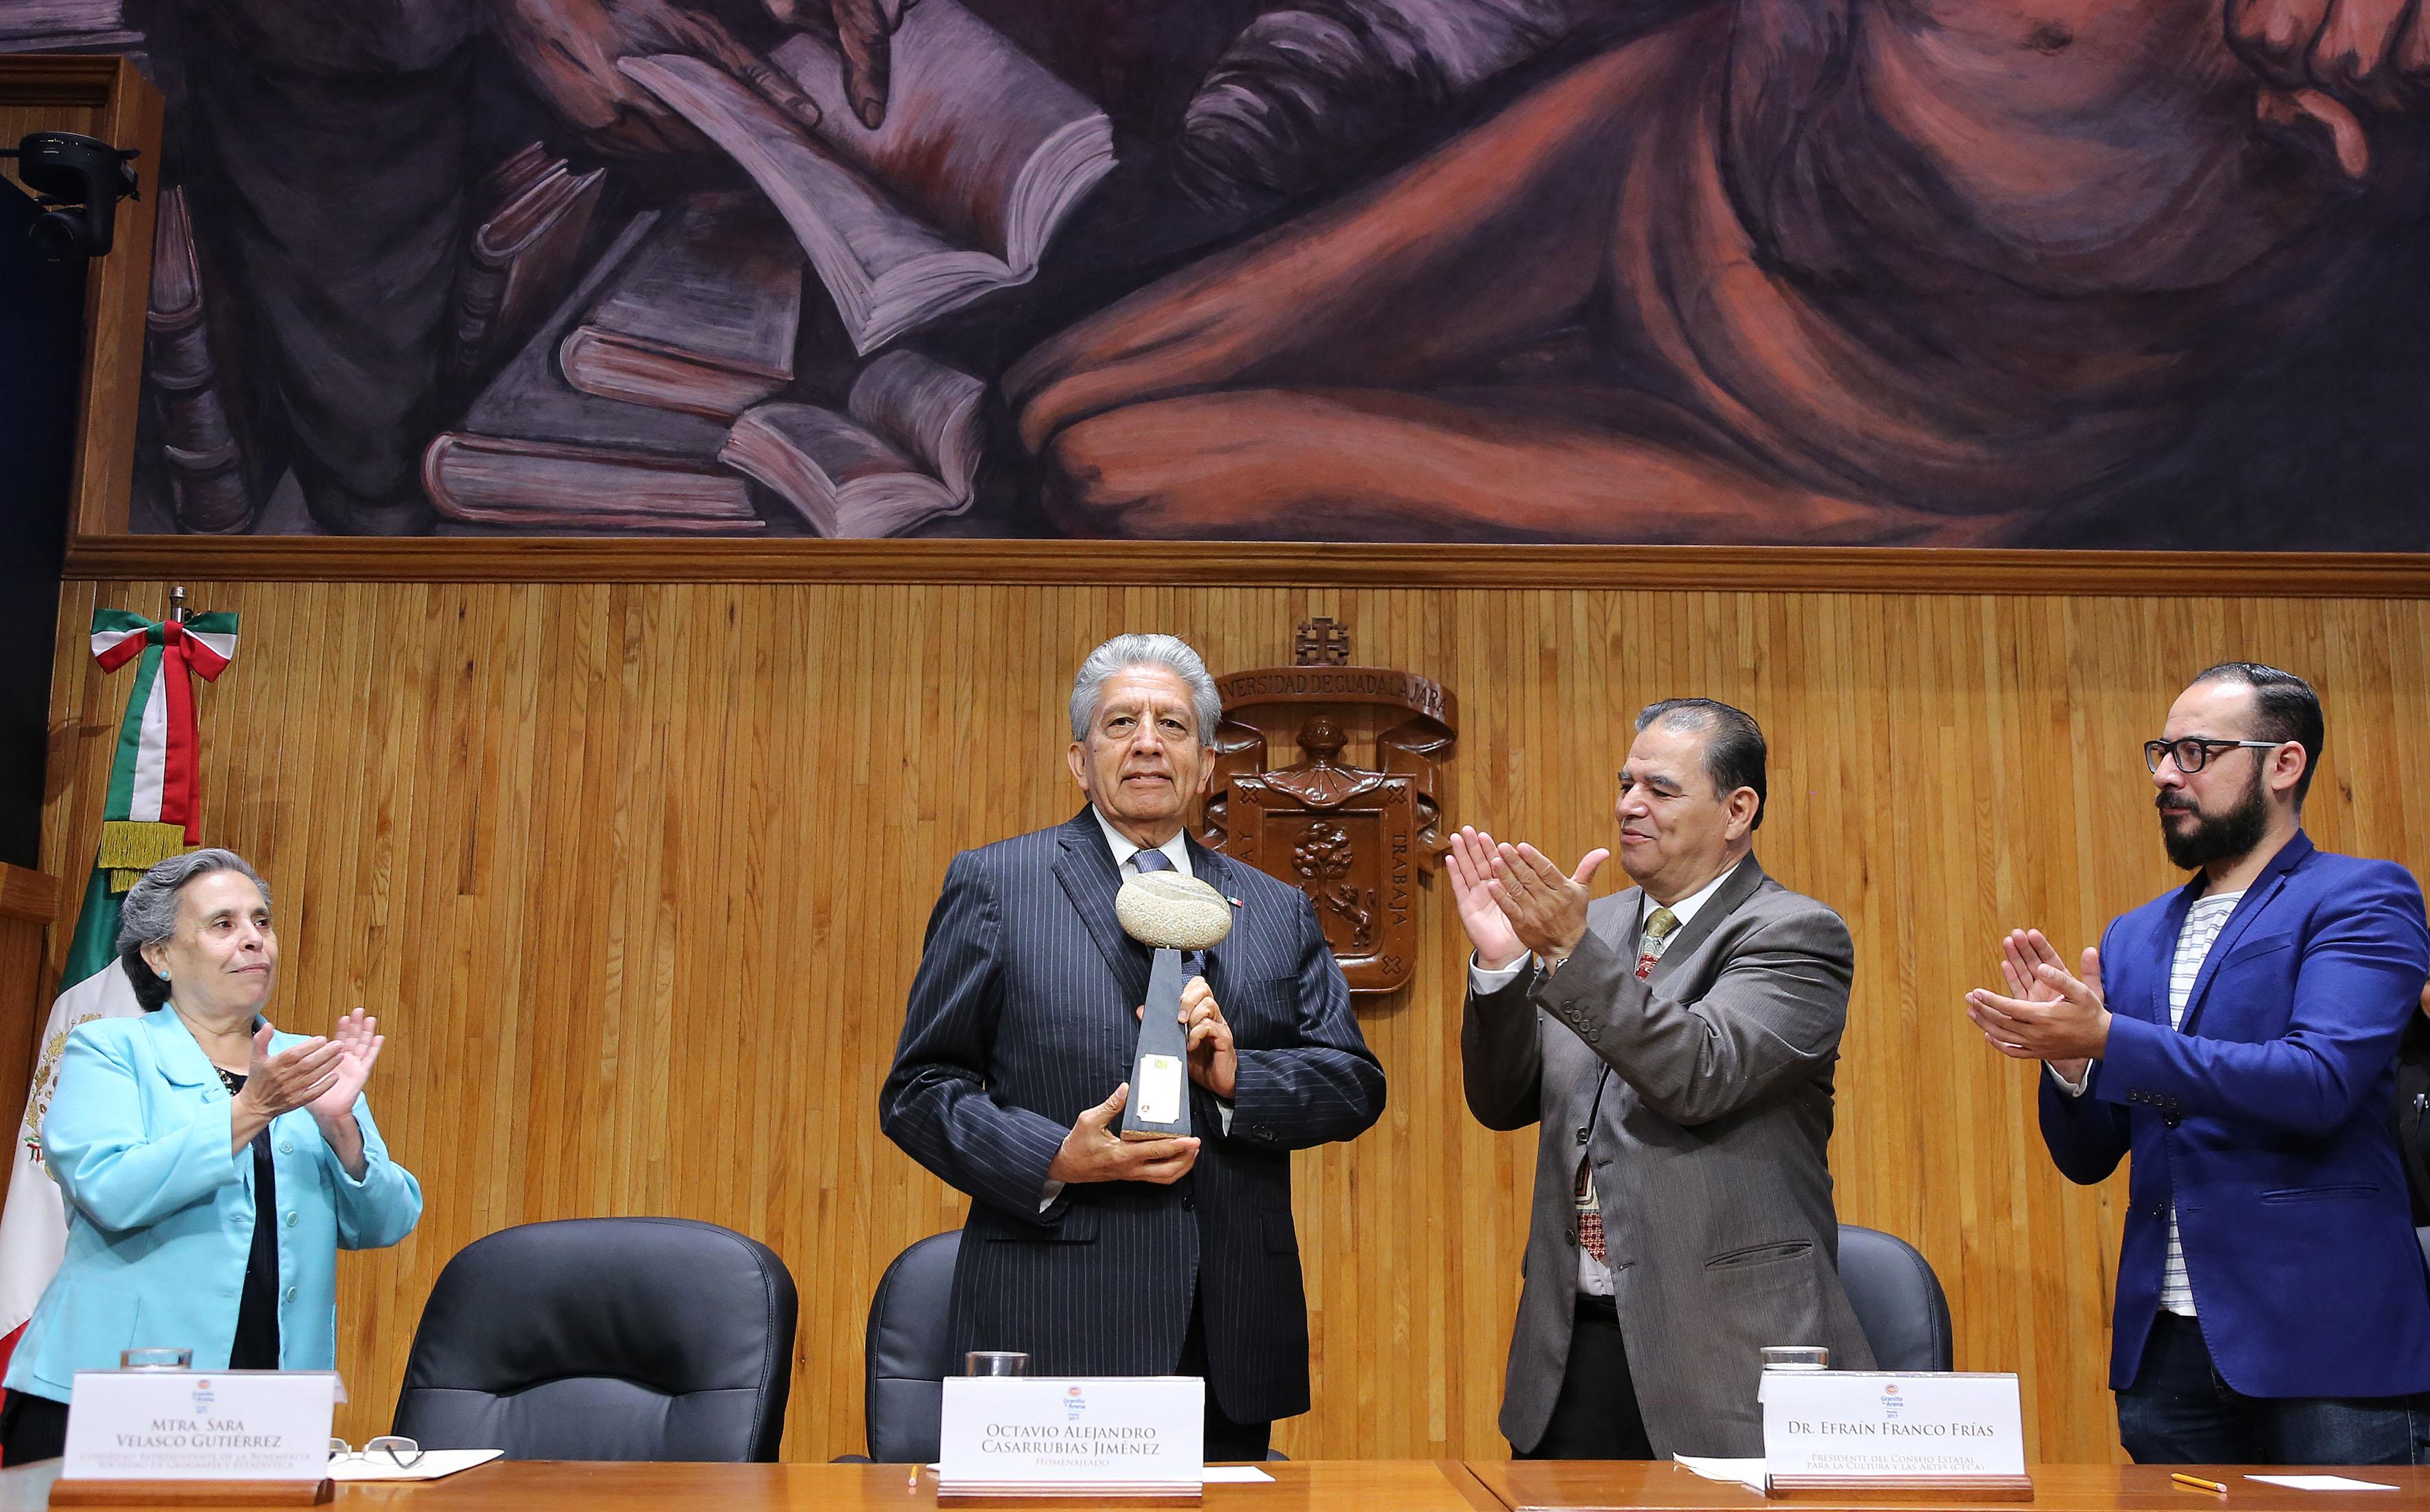 """Ceremonia de entrega del galardón """"Granito de Arena"""" al licenciado Octavio Alejandro Casarrubias Jiménez"""